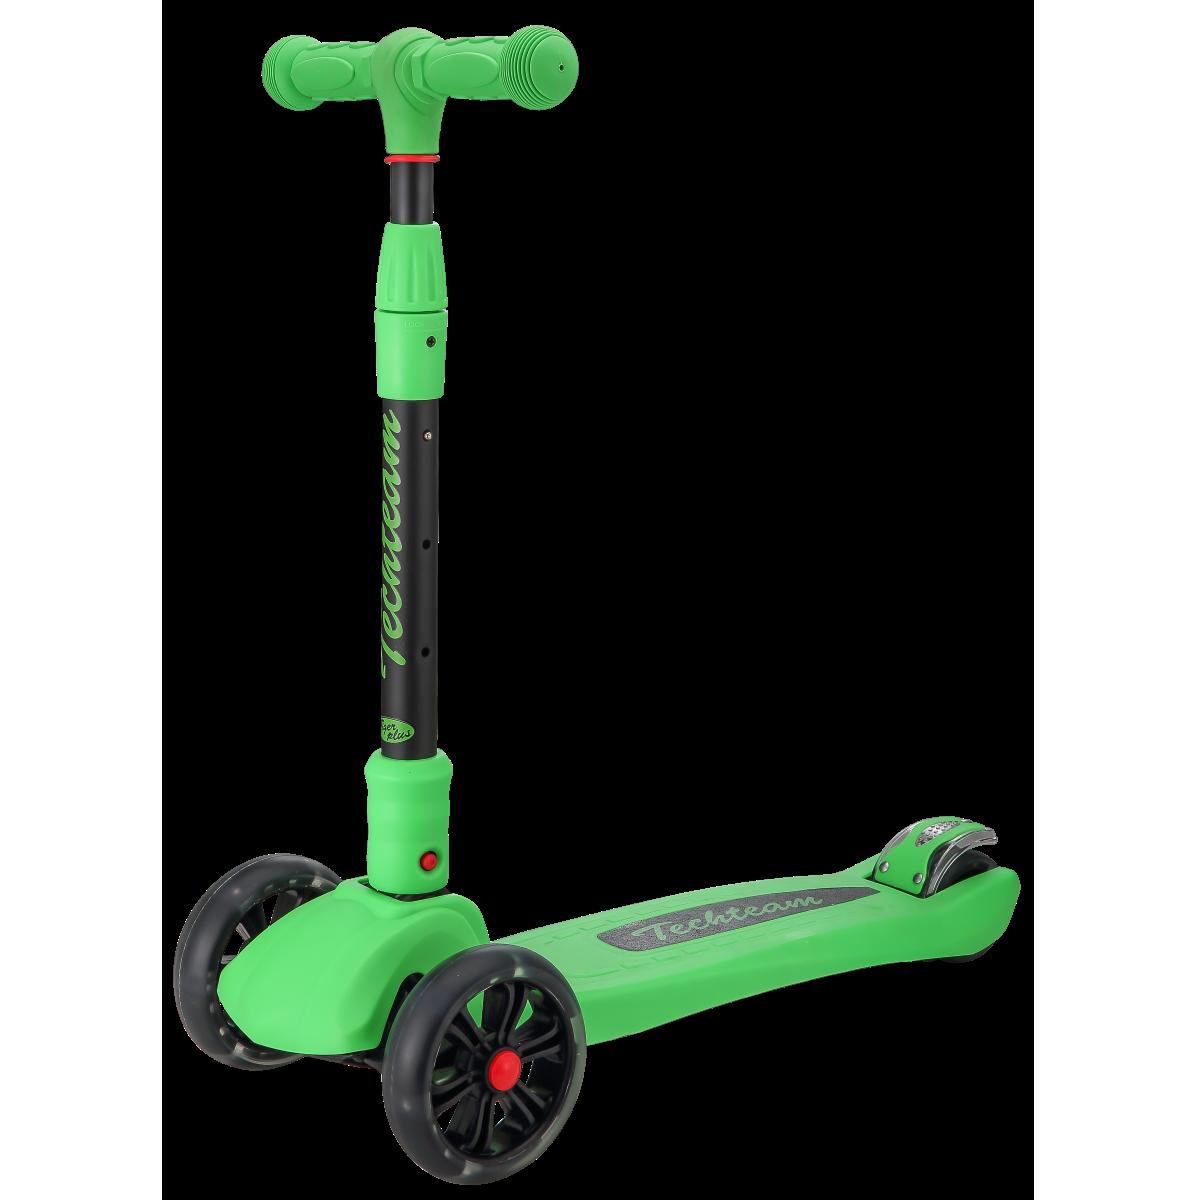 Детский трехколесный самокат-кикборд TechTeam Tiger Plus 2019 зеленый